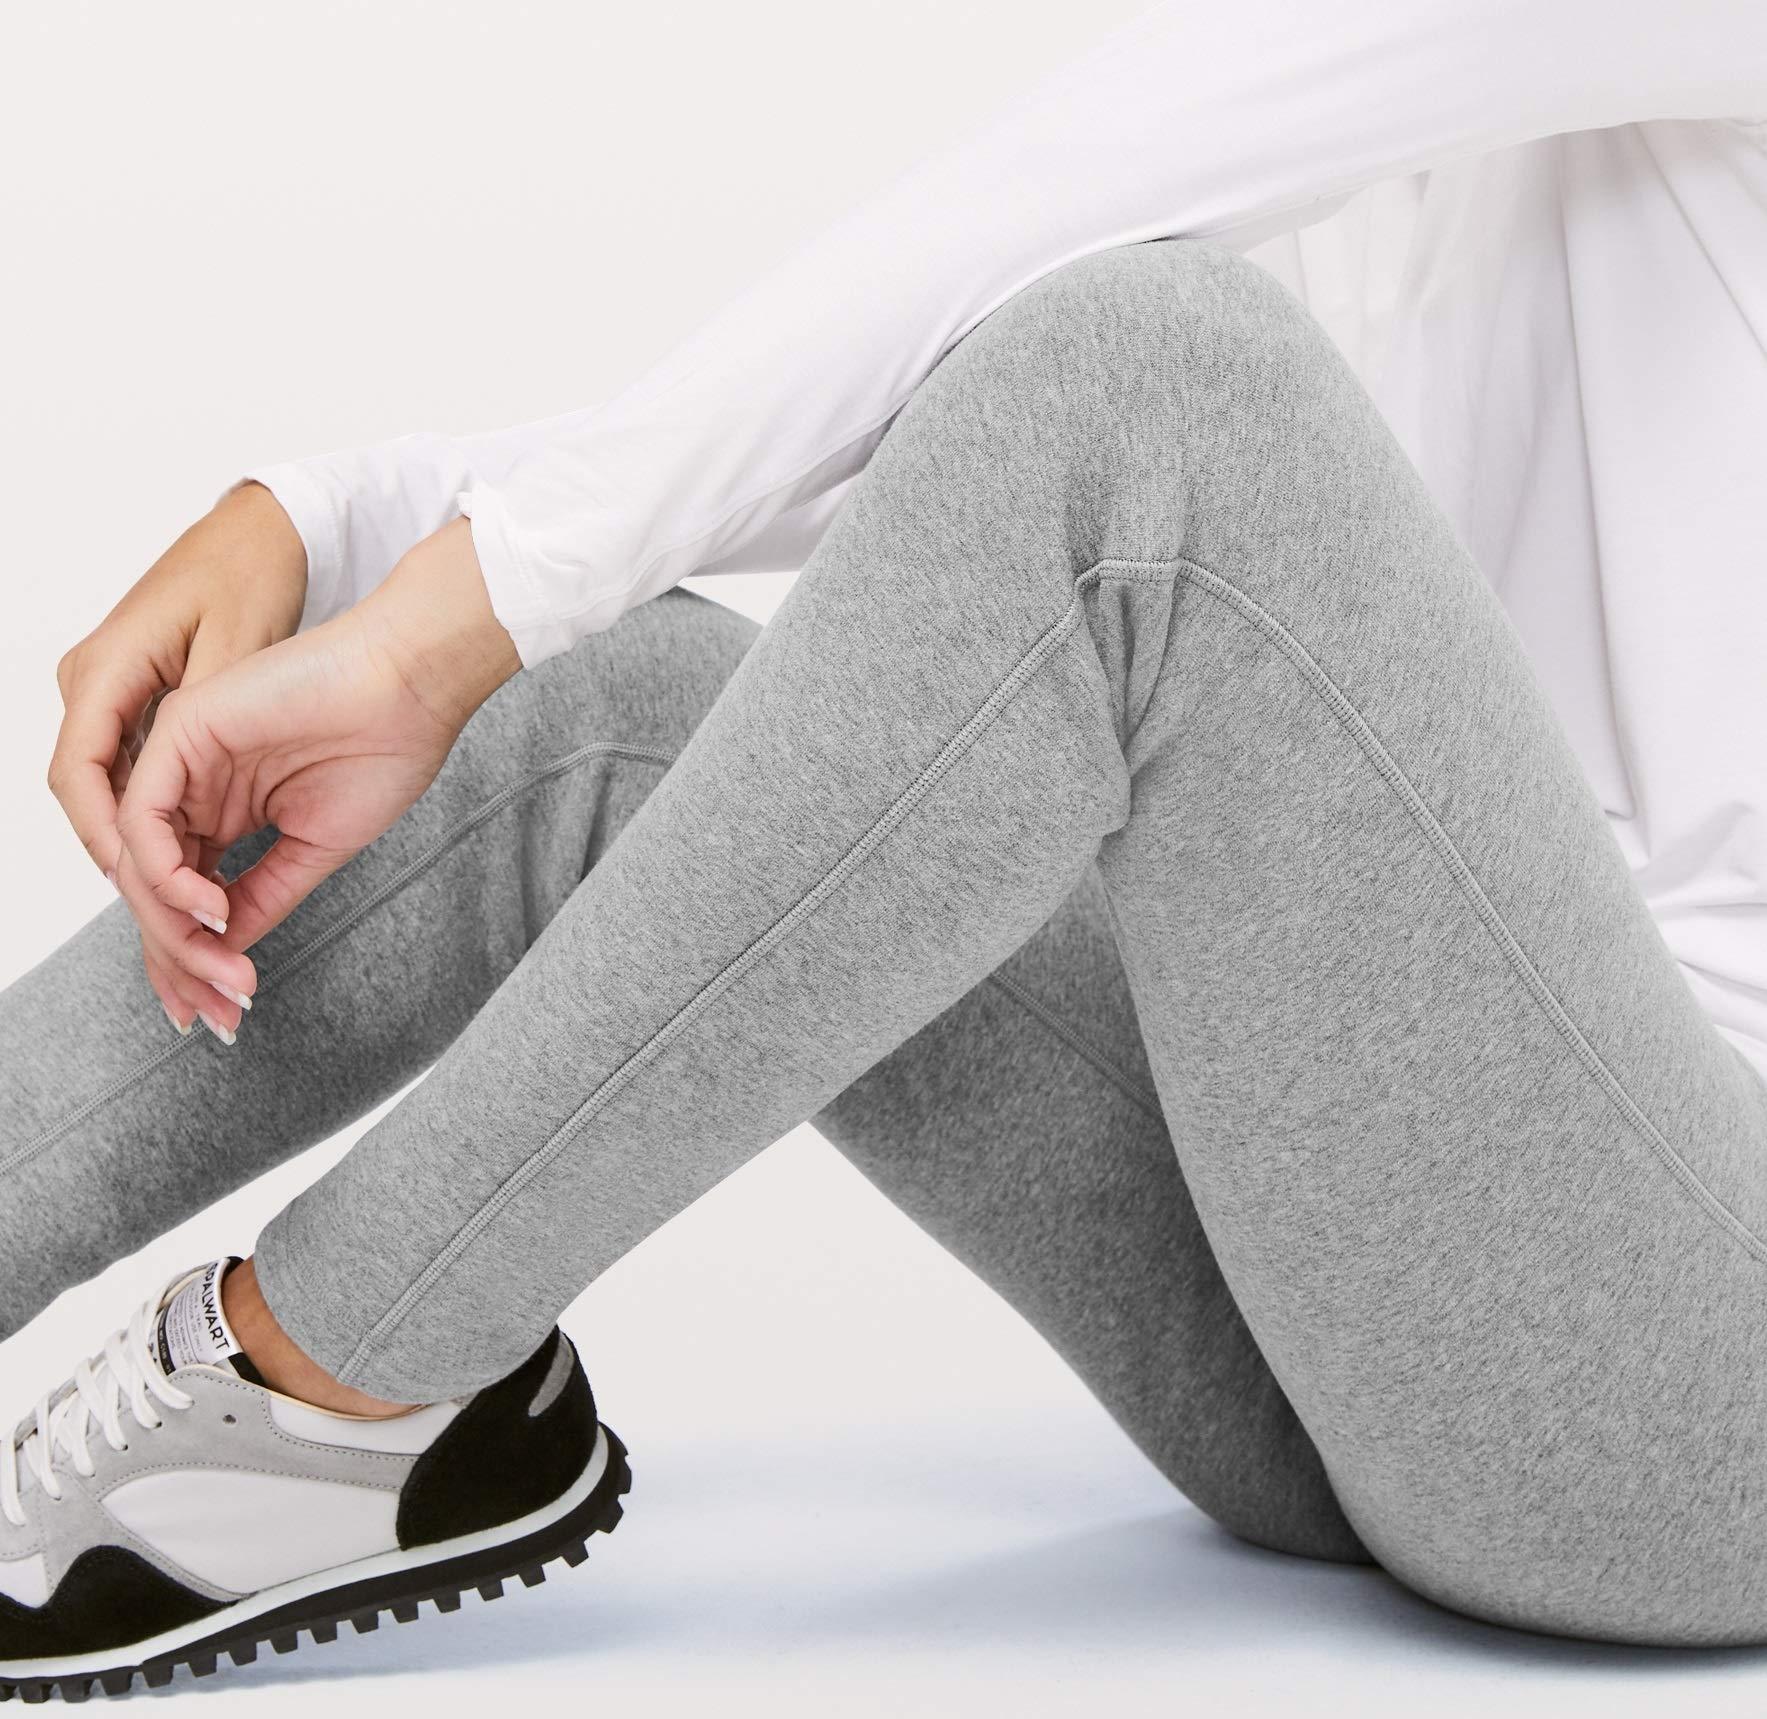 Lululemon Wunder Lounge Pant - HCMG (Heathered Core Medium Grey) (4) by Lululemon (Image #3)